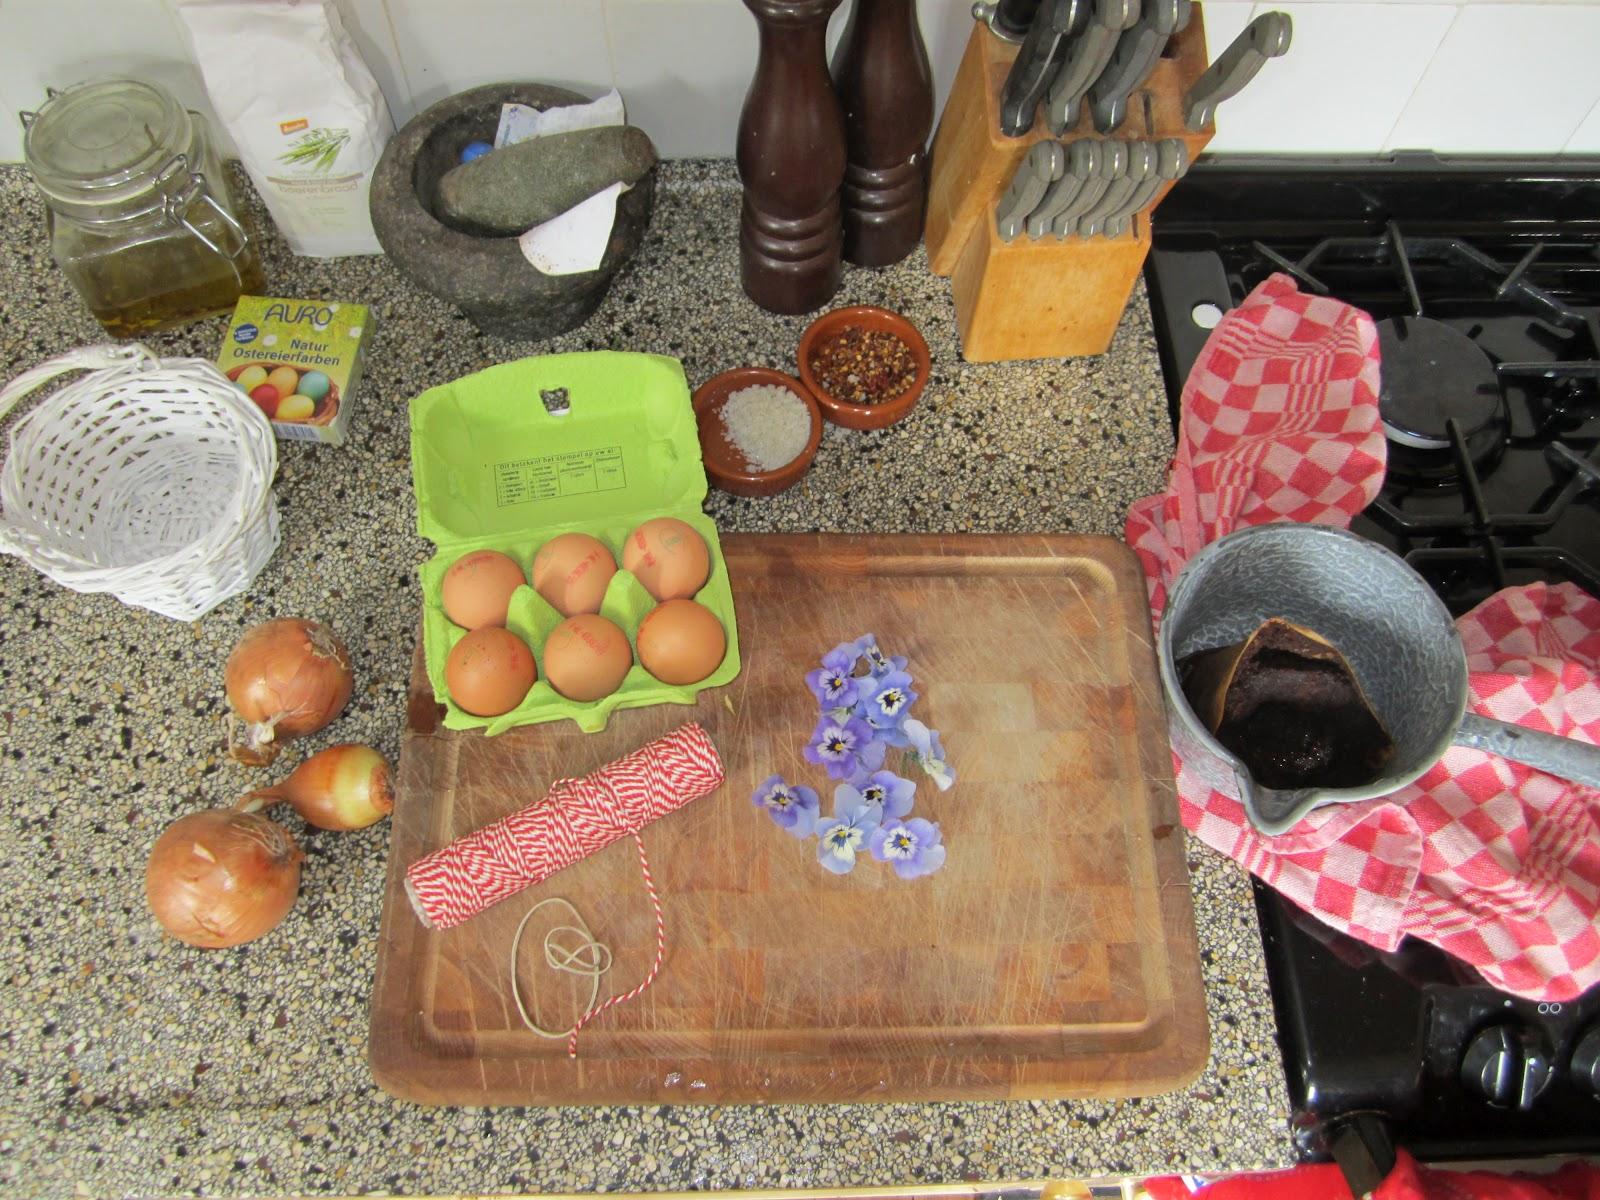 E strea chikitu versier een ei - Versier een kleine woonkamer ...